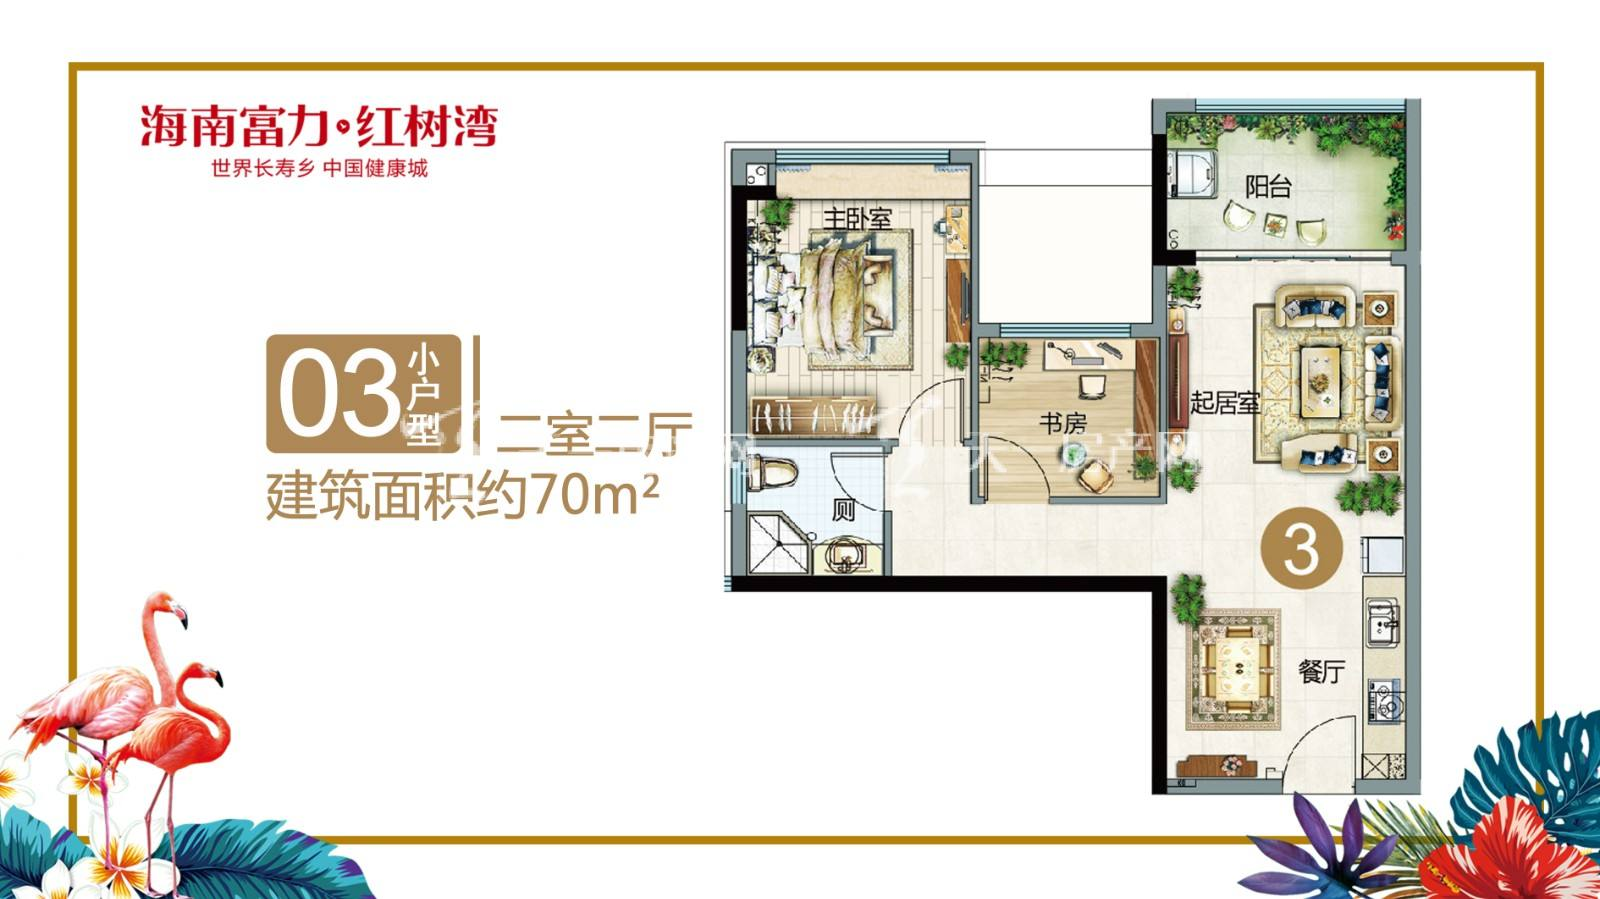 富力红树湾03小户型两室两厅建筑面积70㎡